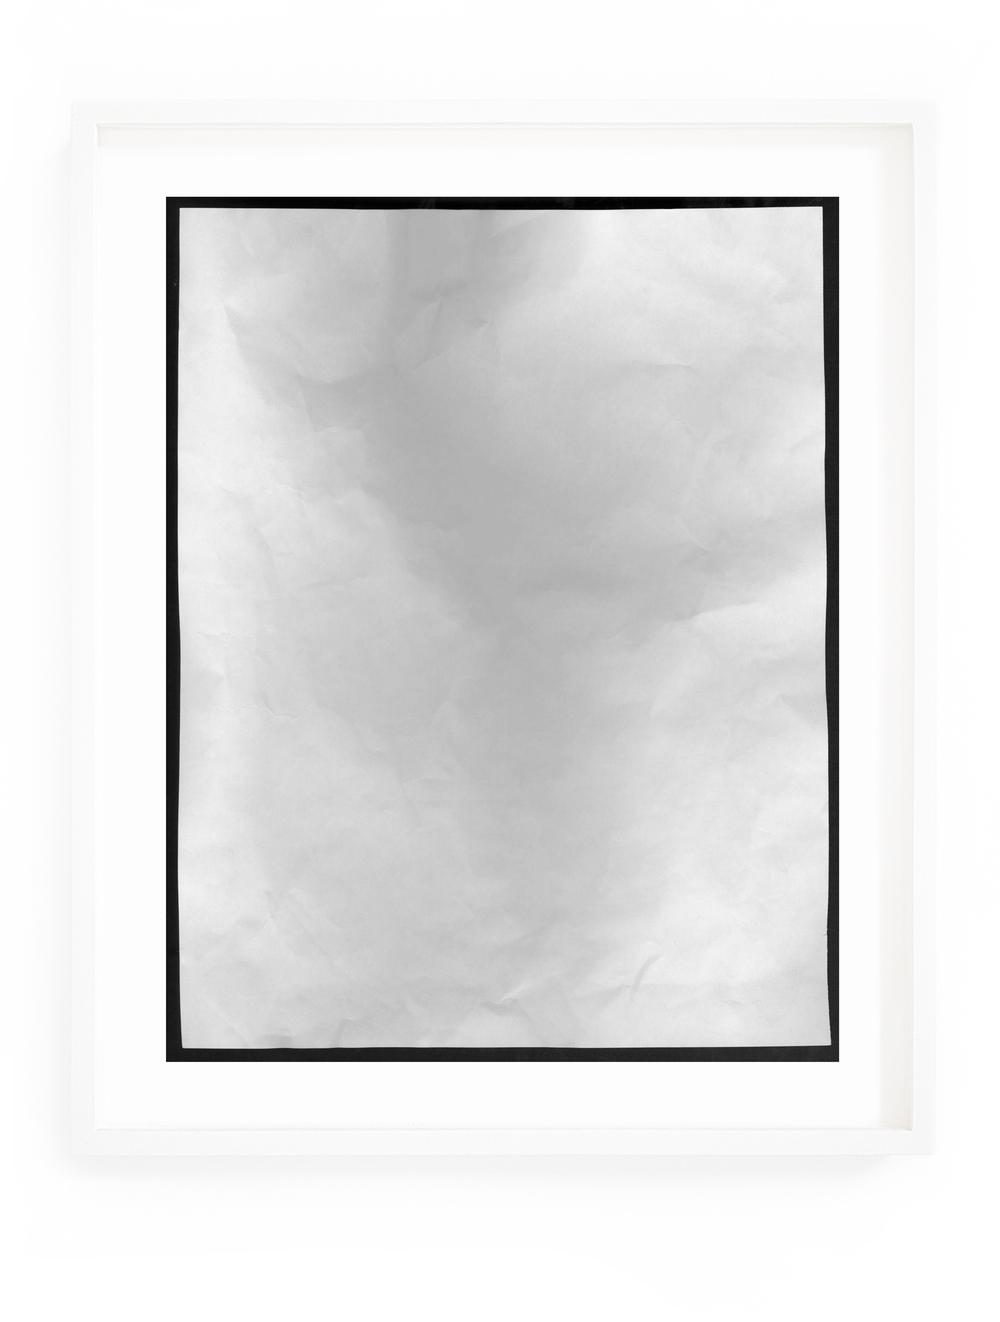 21v2_17x13x300_framed.jpg